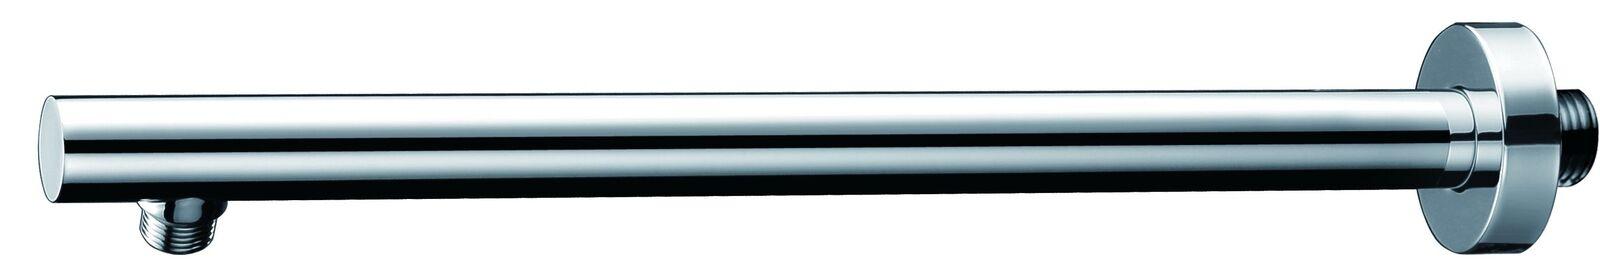 Primaster Brausearm für Kopfbrause rund - 44 cm, mit Befestigungsplatte | Erste Gruppe von Kunden  | Kaufen Sie online  | Grüne, neue Technologie  | Shopping Online